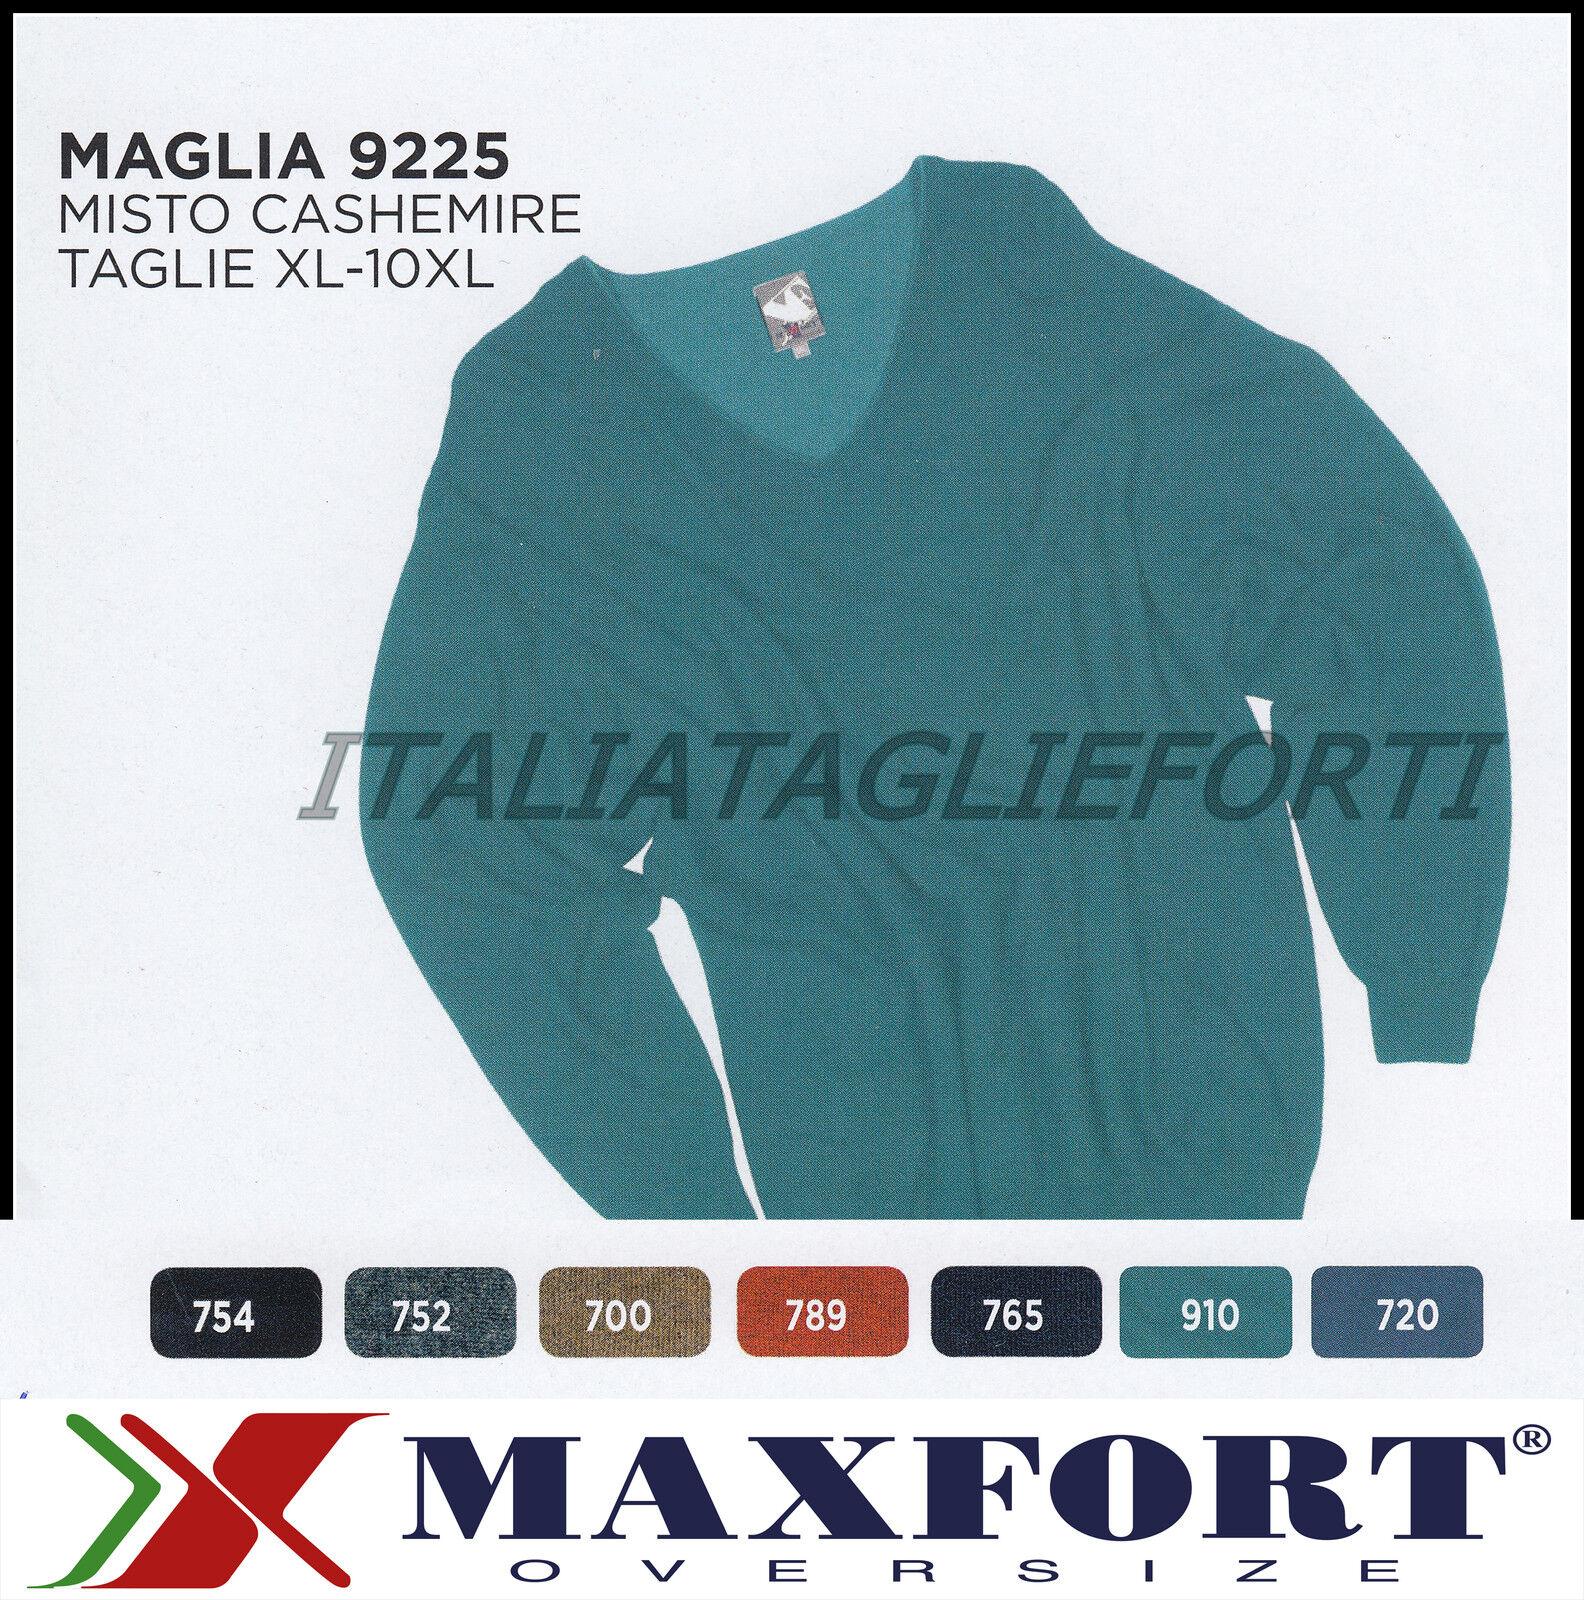 MAXFORT 9225 MAGLIA MAGLIONE CASHEMIRE COLLO V UOMO TAGLIE FORTI XL 10XL POLO